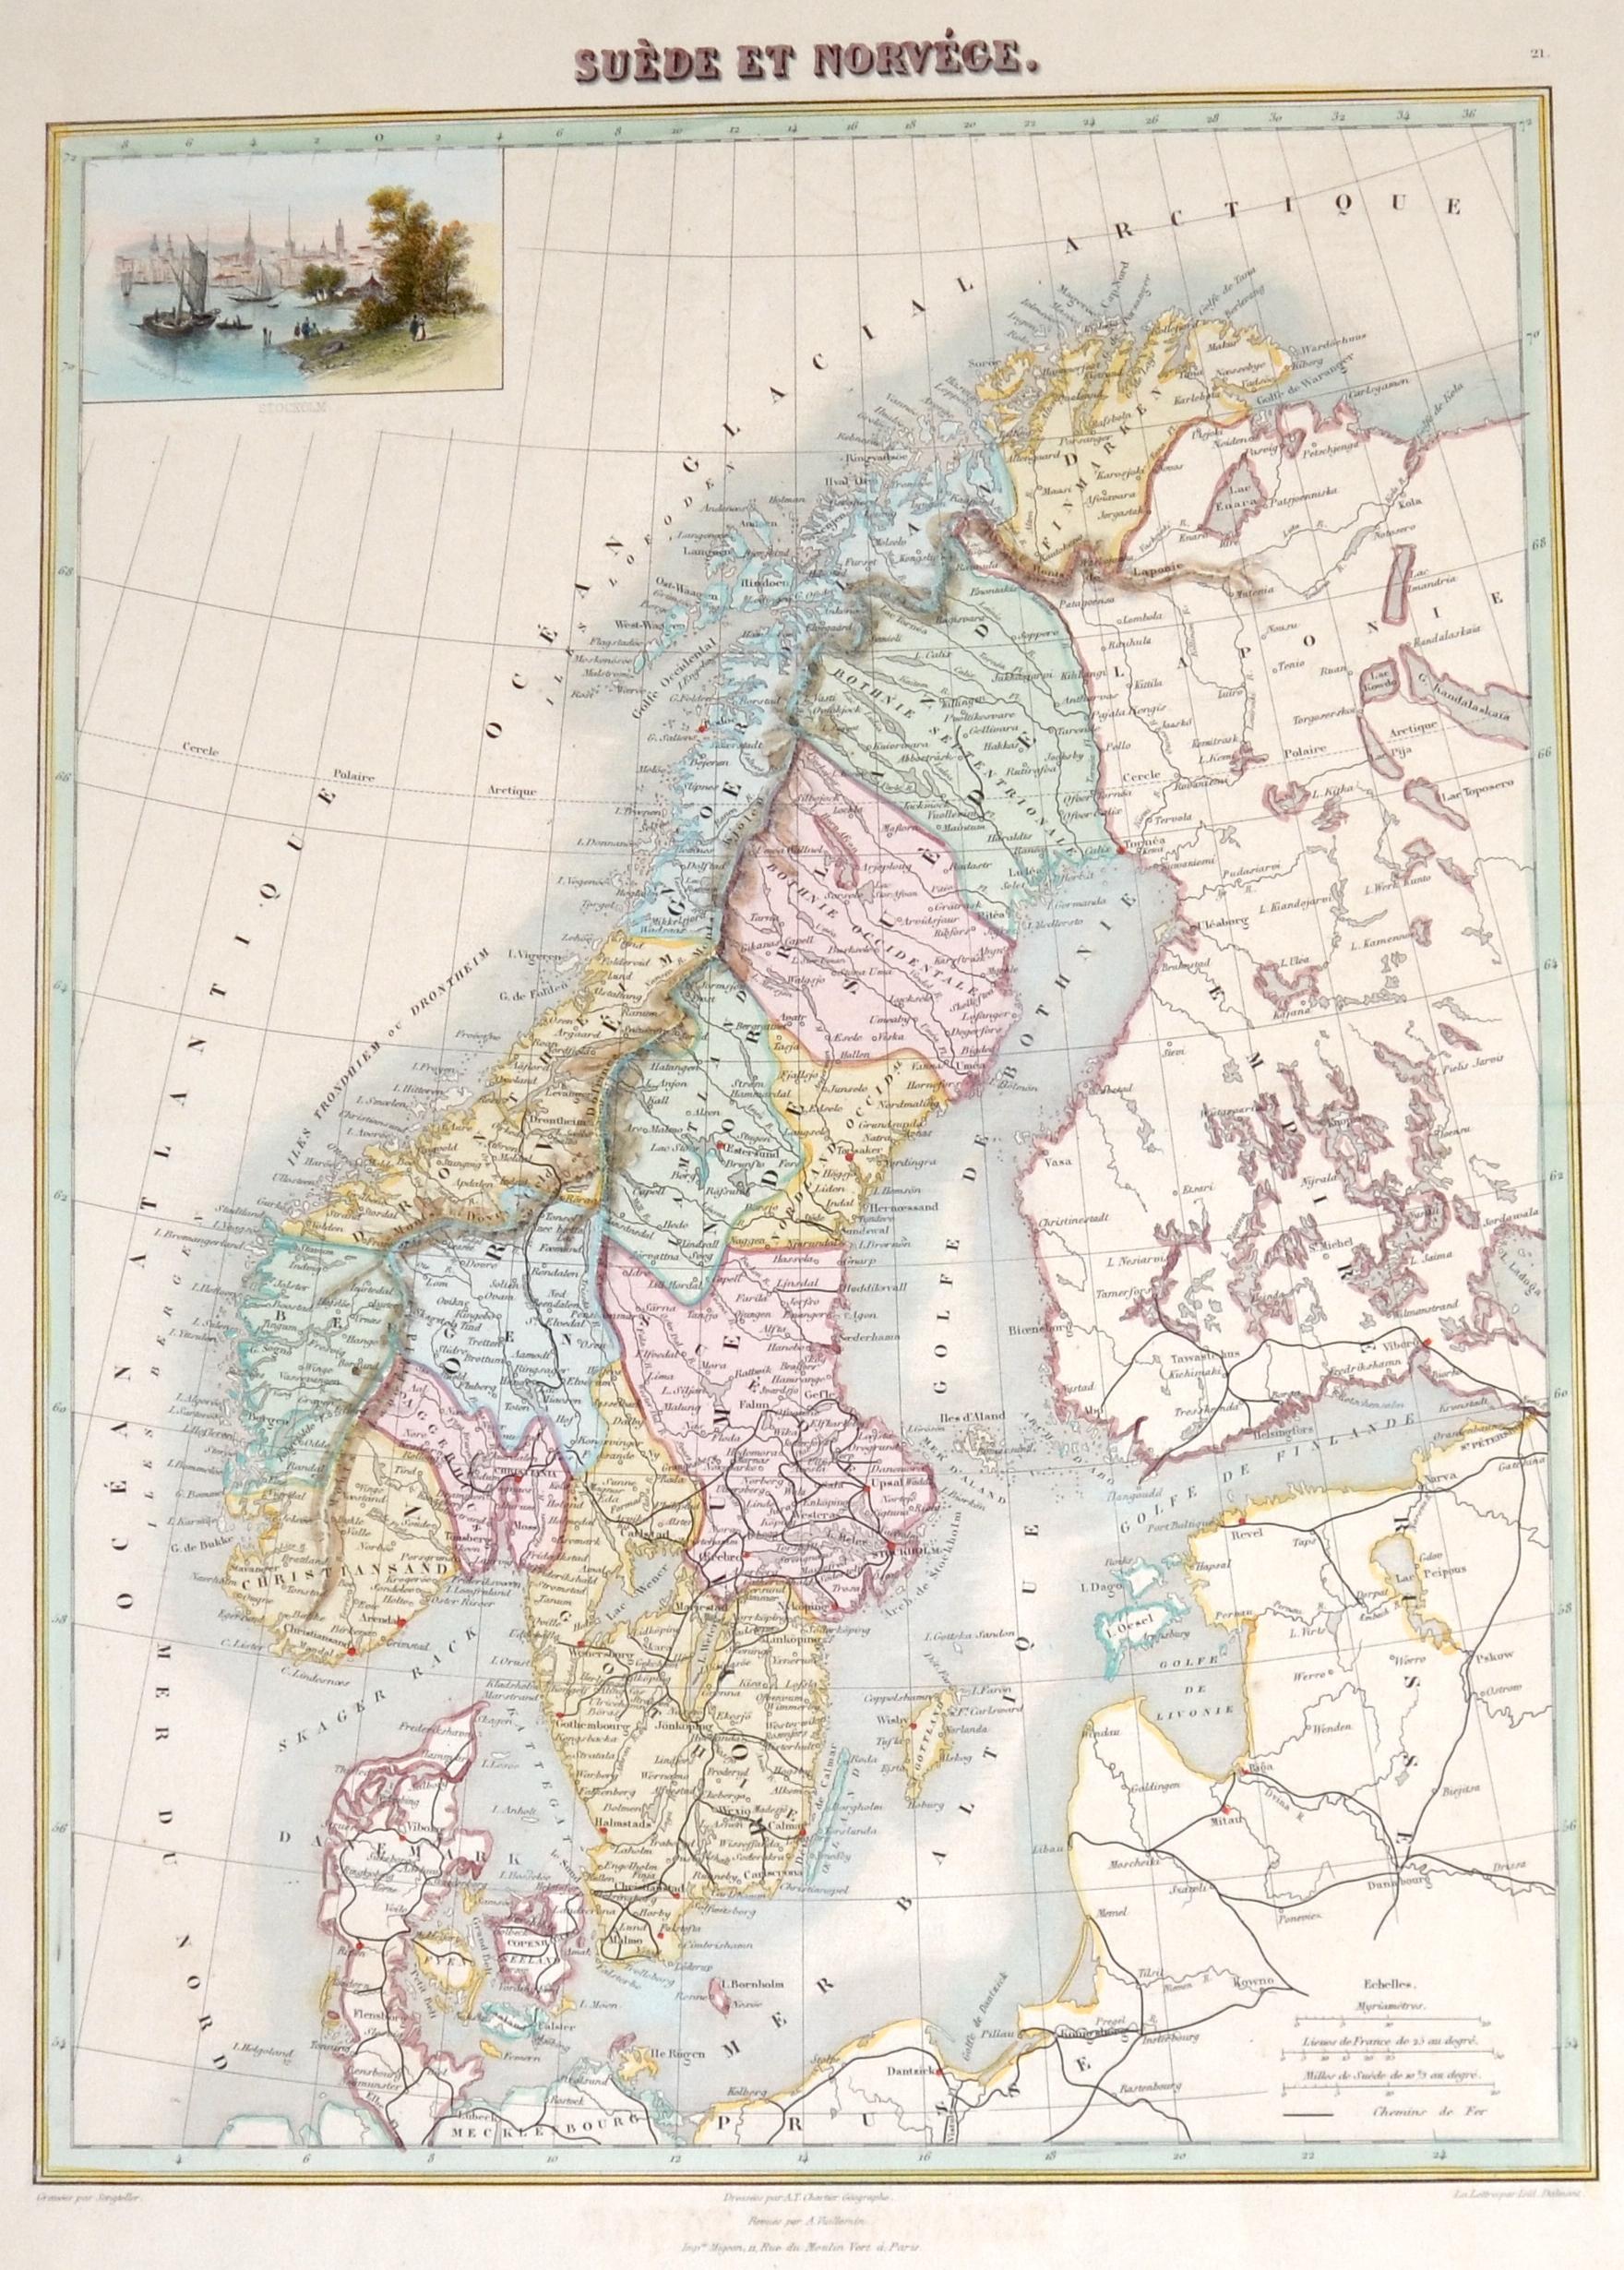 Vuillemin  Suède et Norvége.